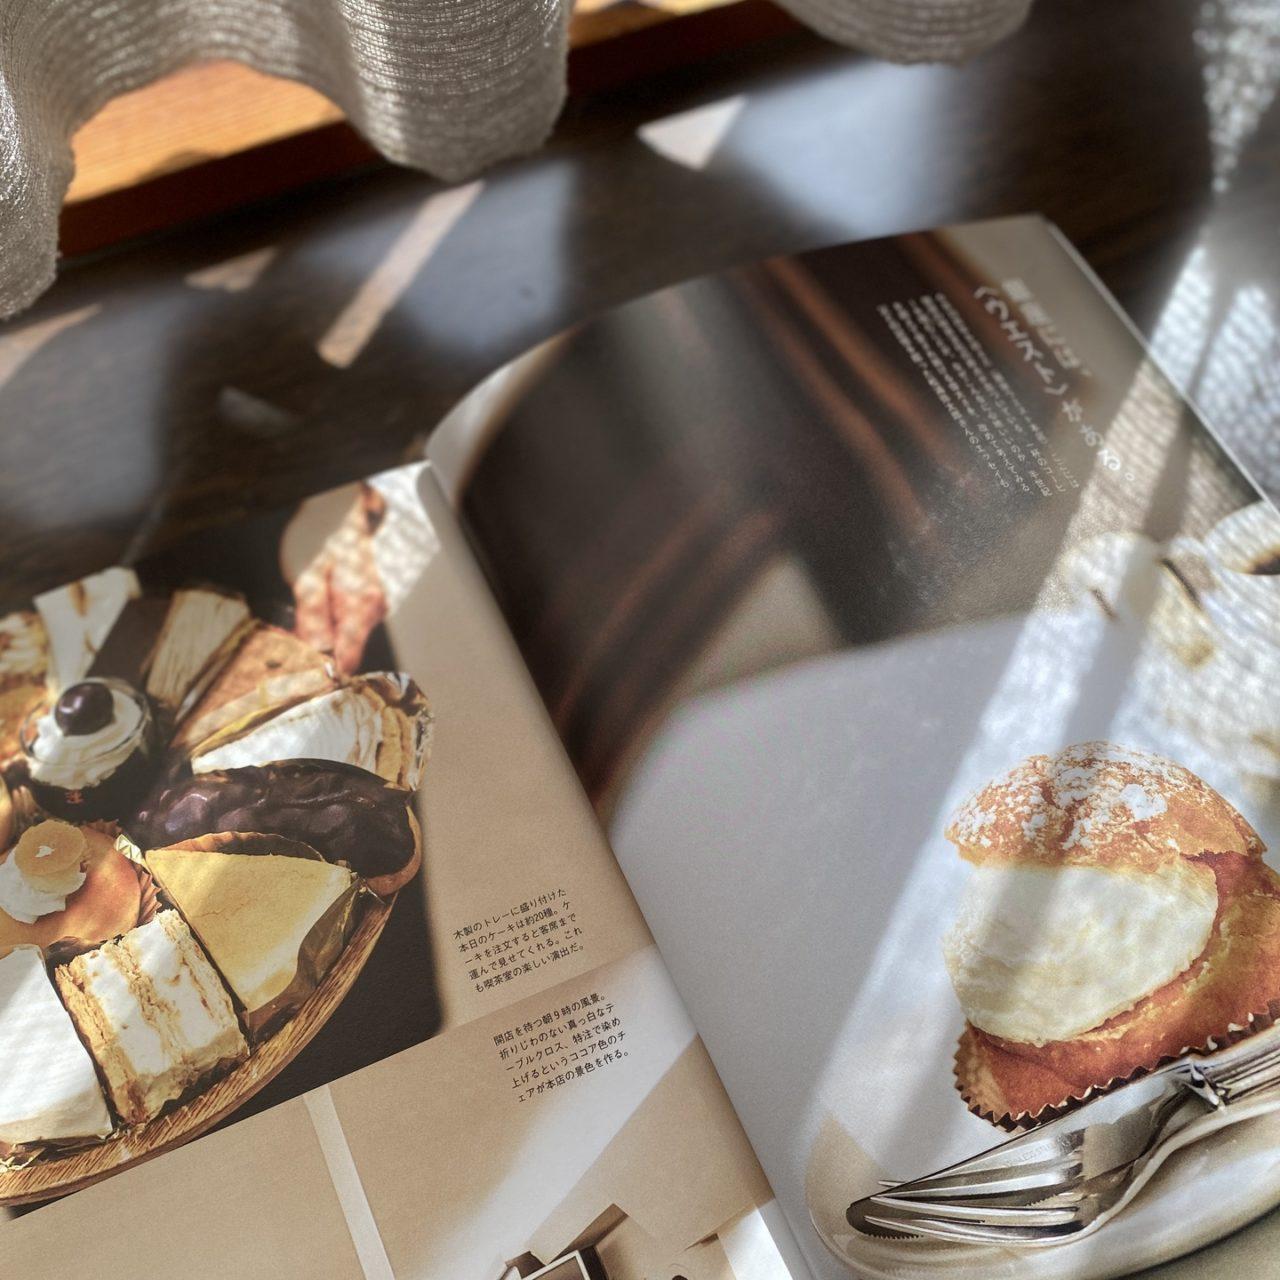 窓辺に開いた雑誌。憧れの喫茶店のページ